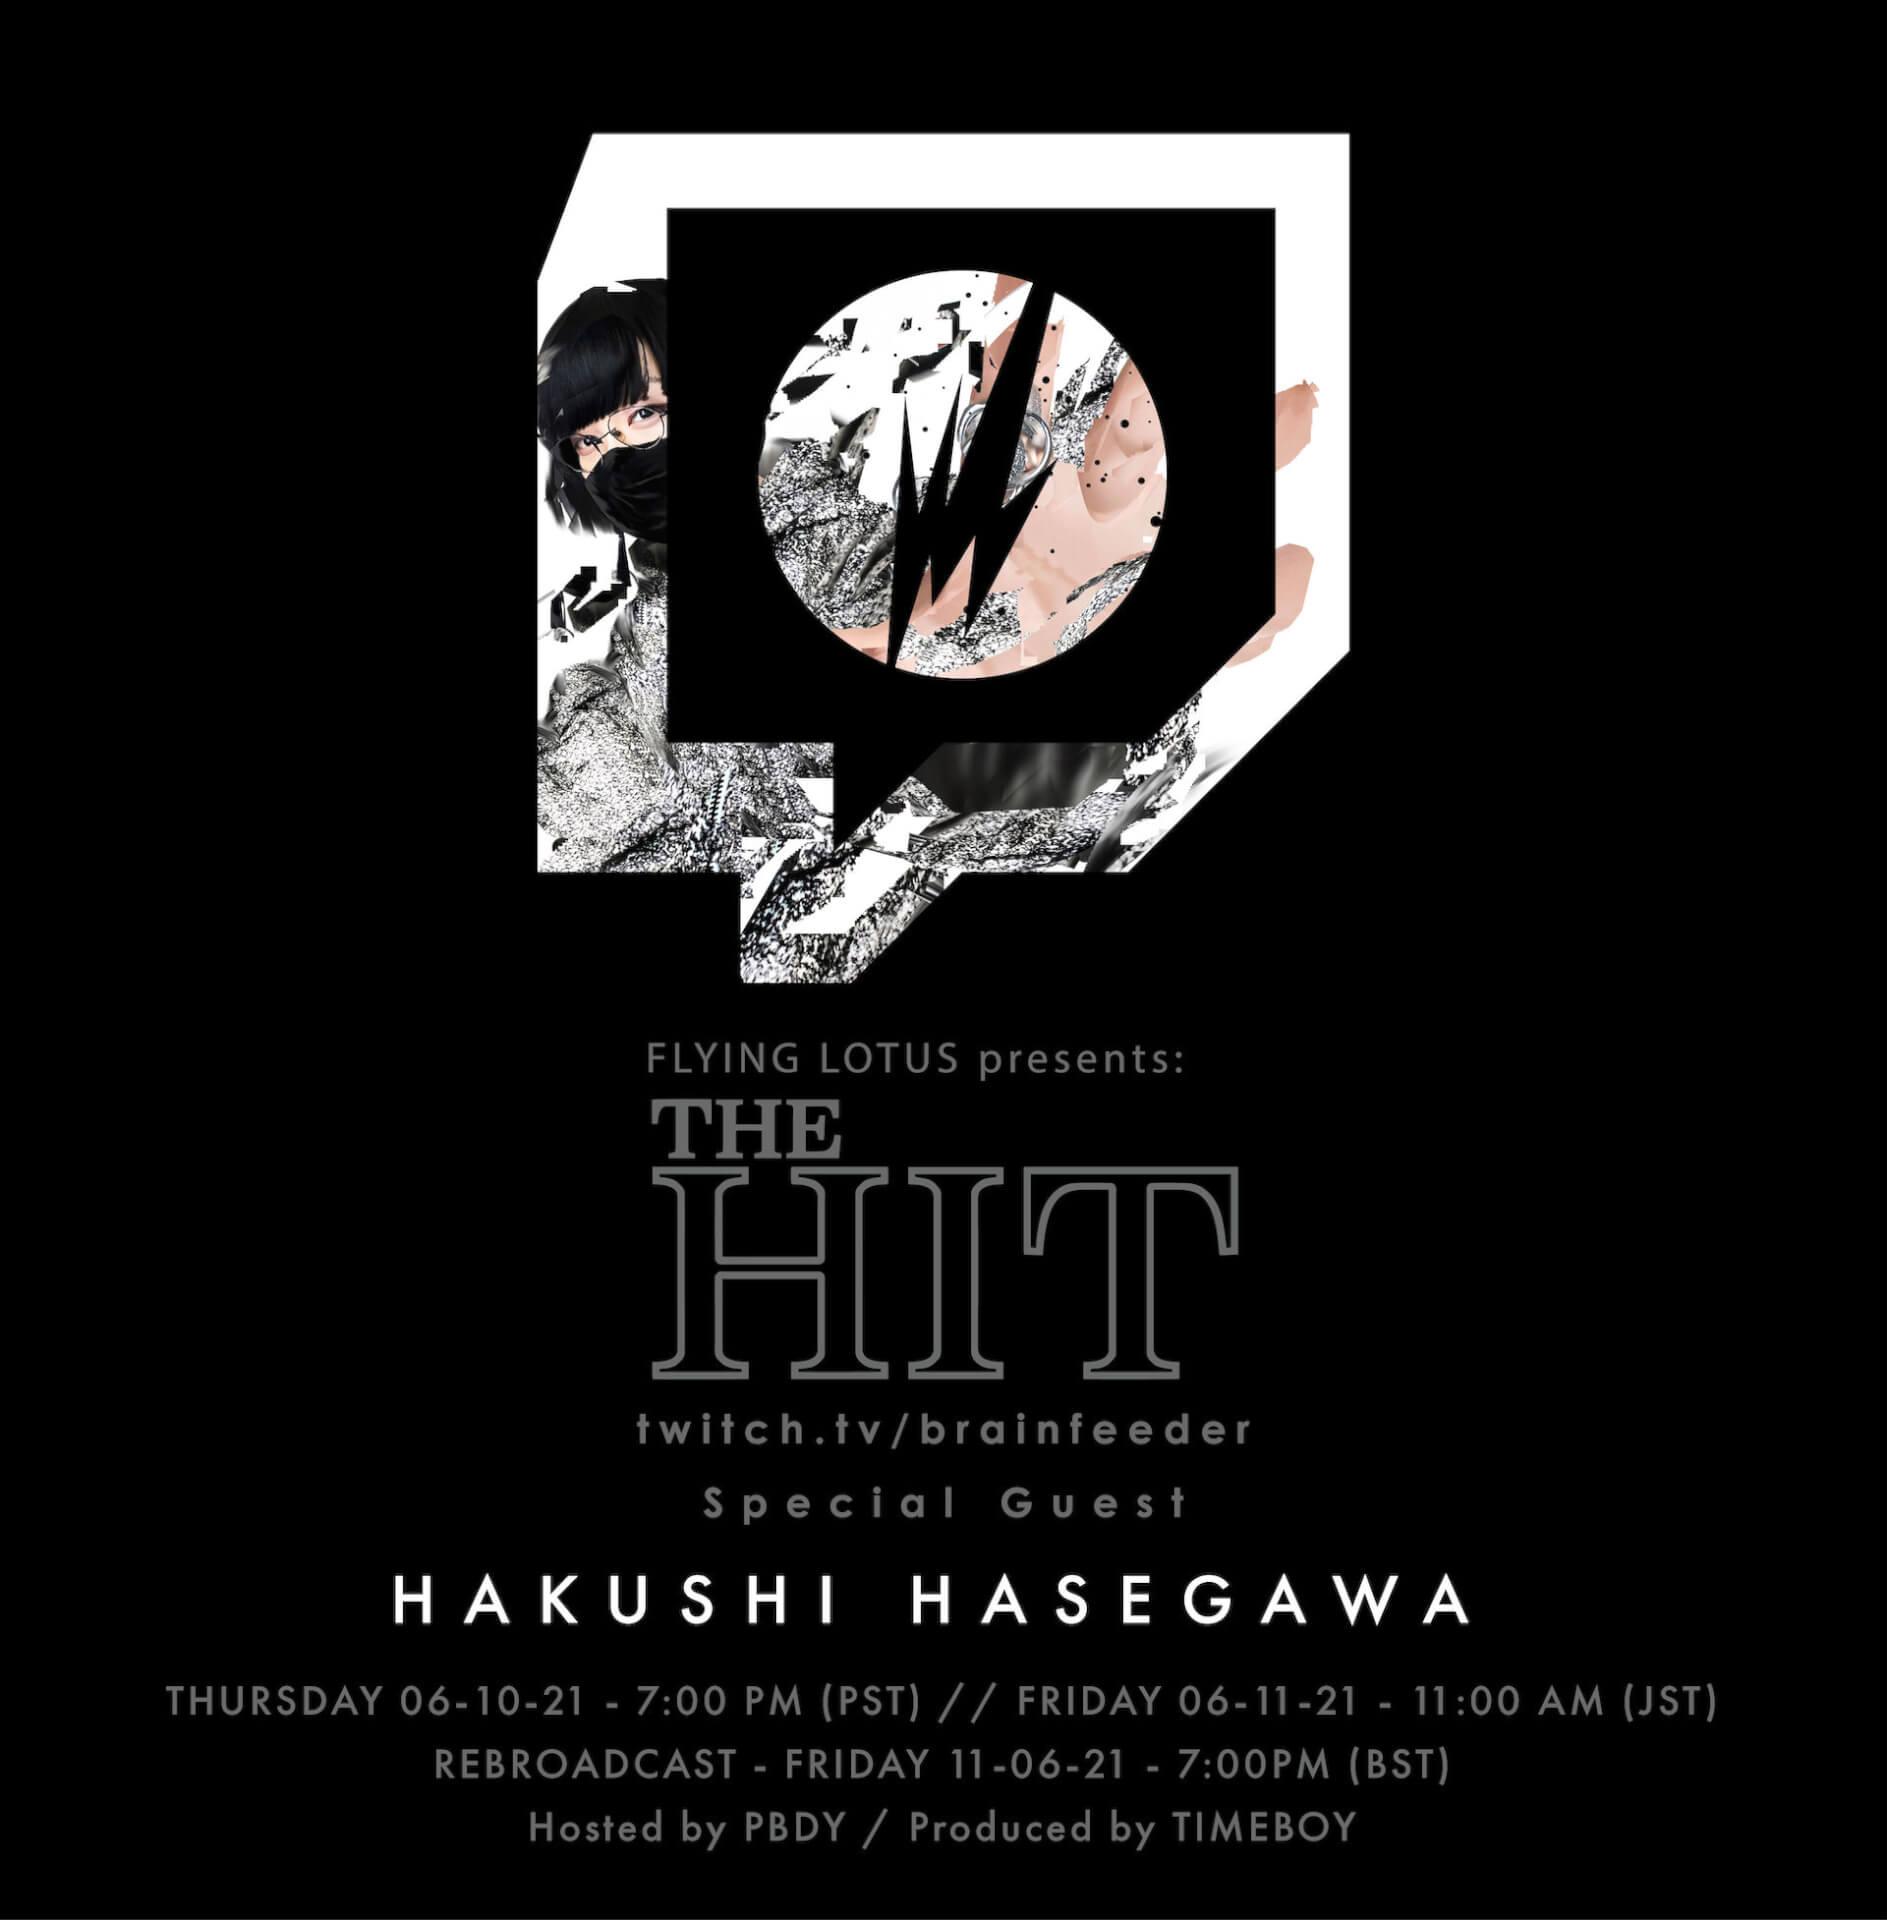 長谷川白紙がFlying Lotusの配信ライブ番組『THE HIT』に出演決定!リアルタイムのARエフェクト技術を使用 music210605_hasegawahakushi_flyinglotus_1